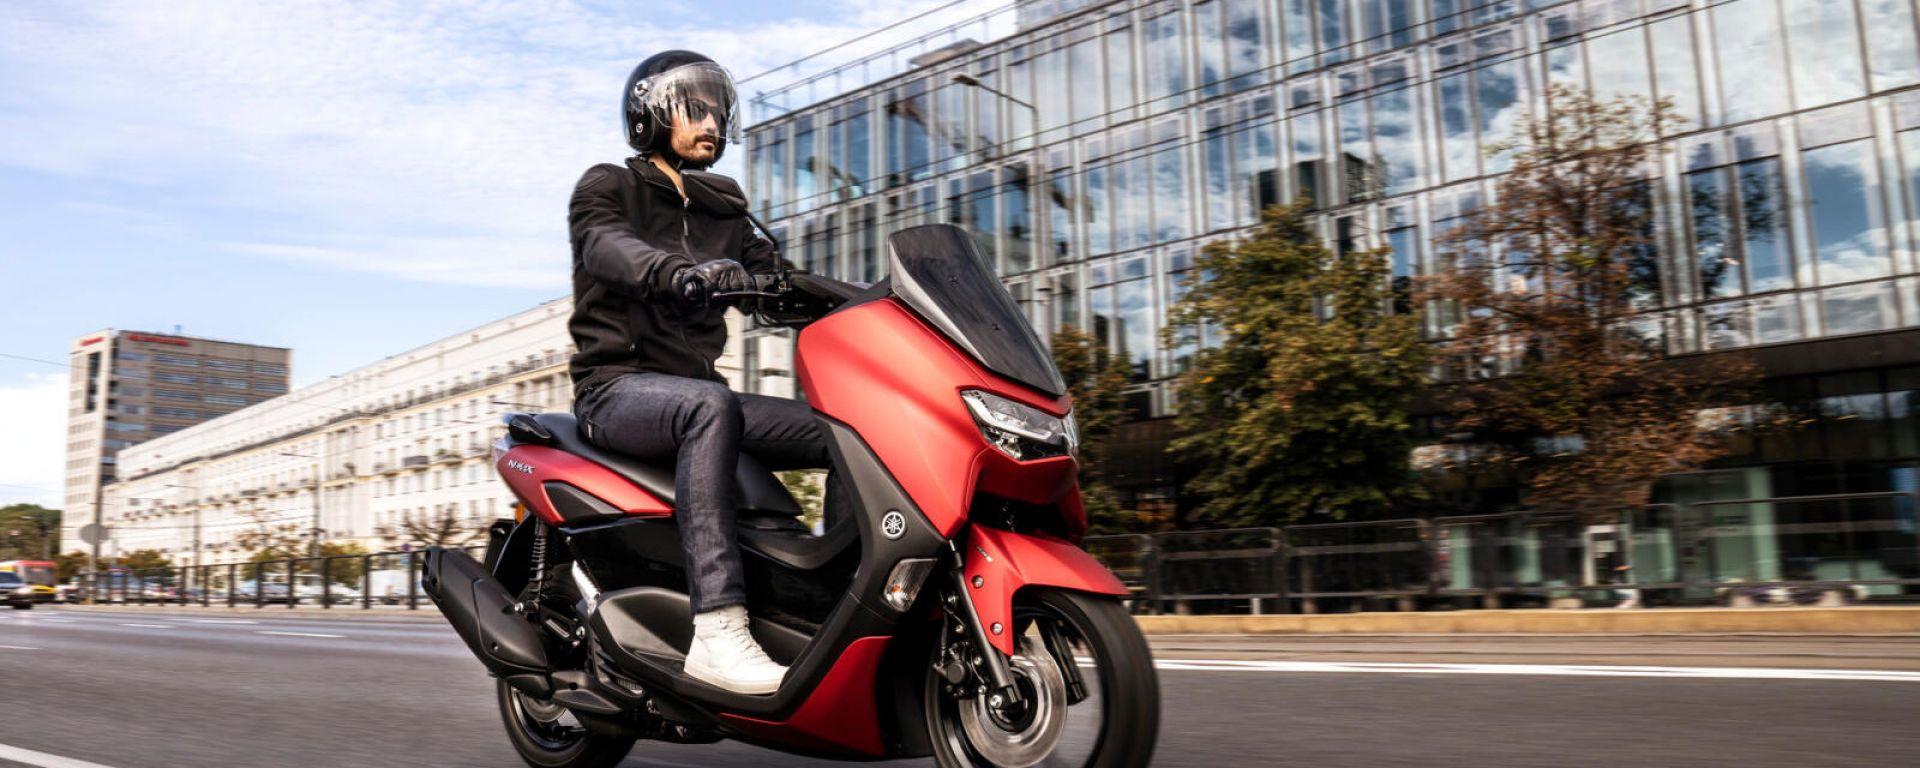 Yamaha NMAX 125: nel 2021 motore Euro 5 e non solo... (Video)